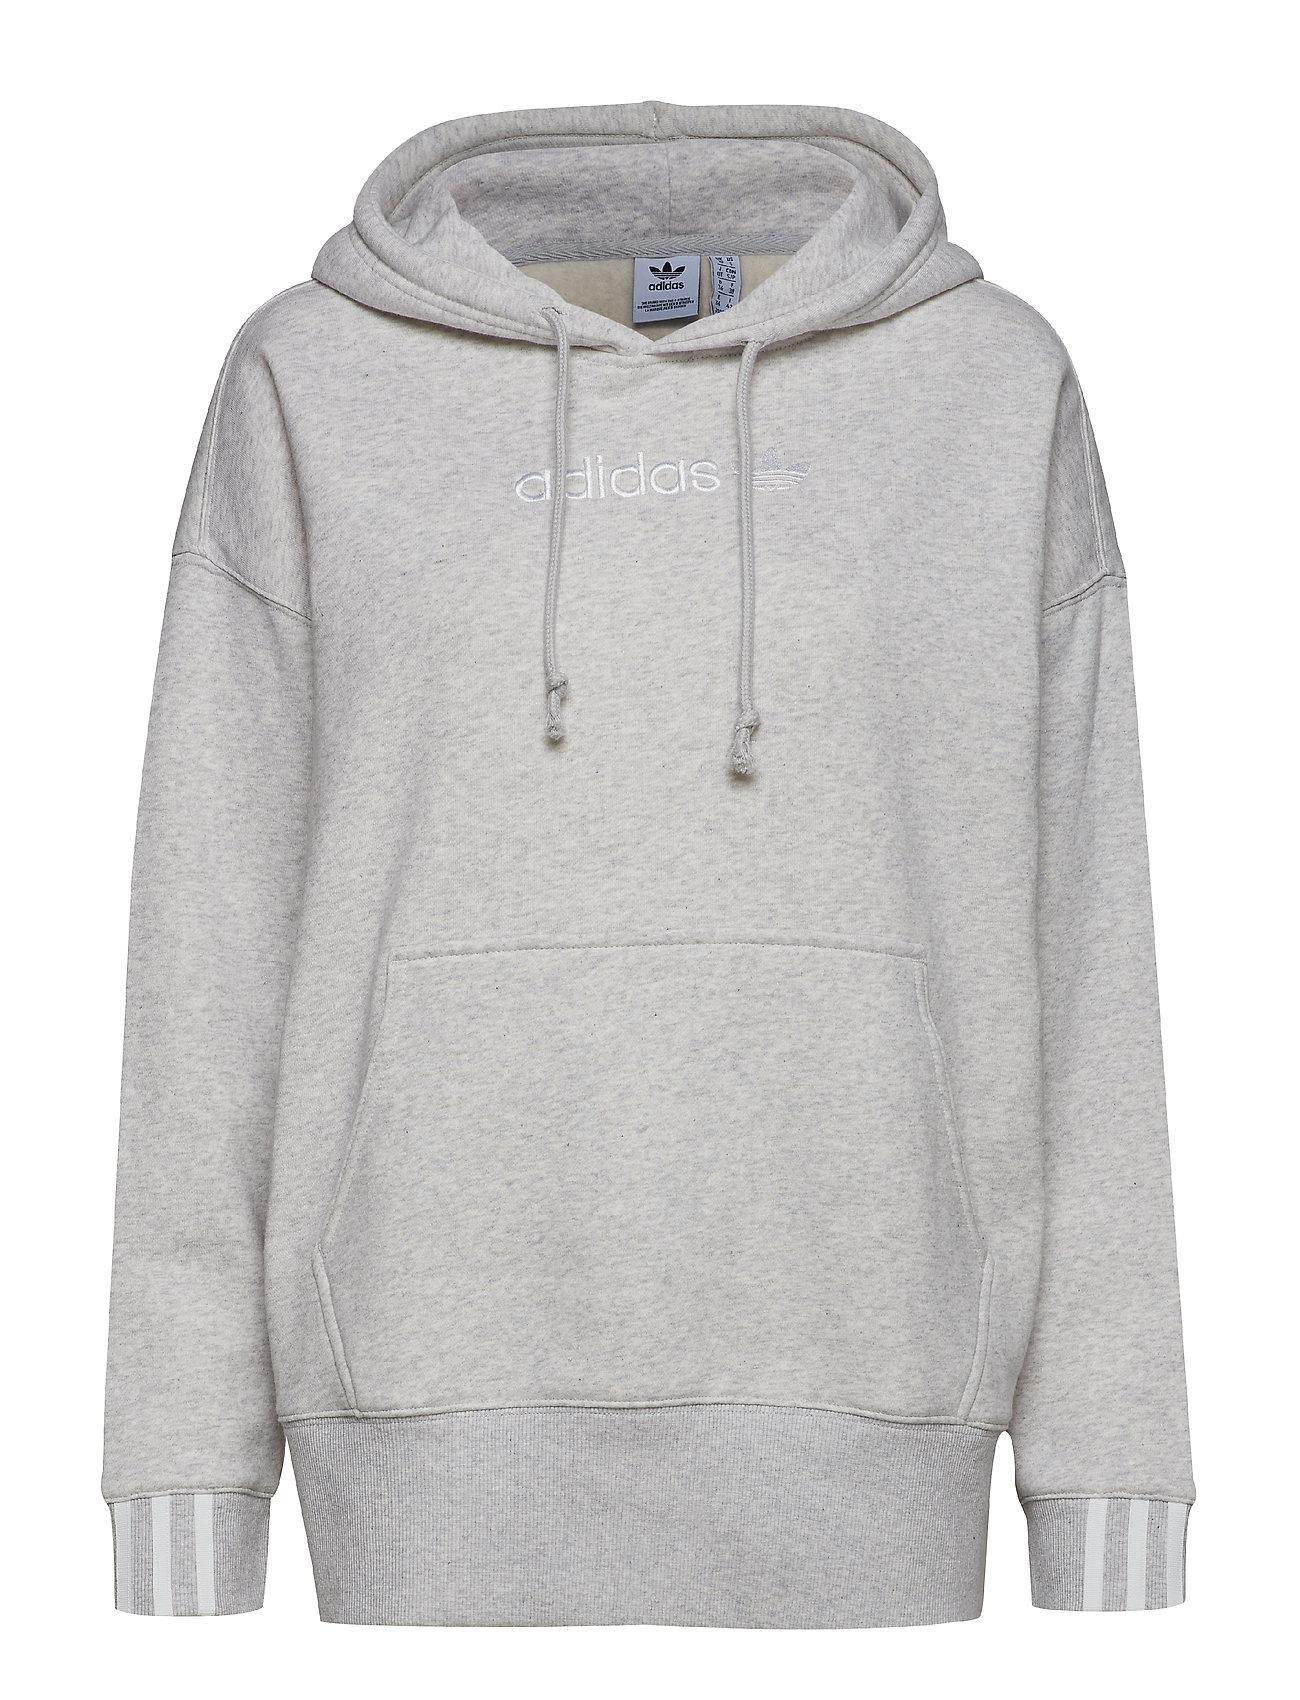 Adidas Originals Coeeze HOODIE Ögrönlar